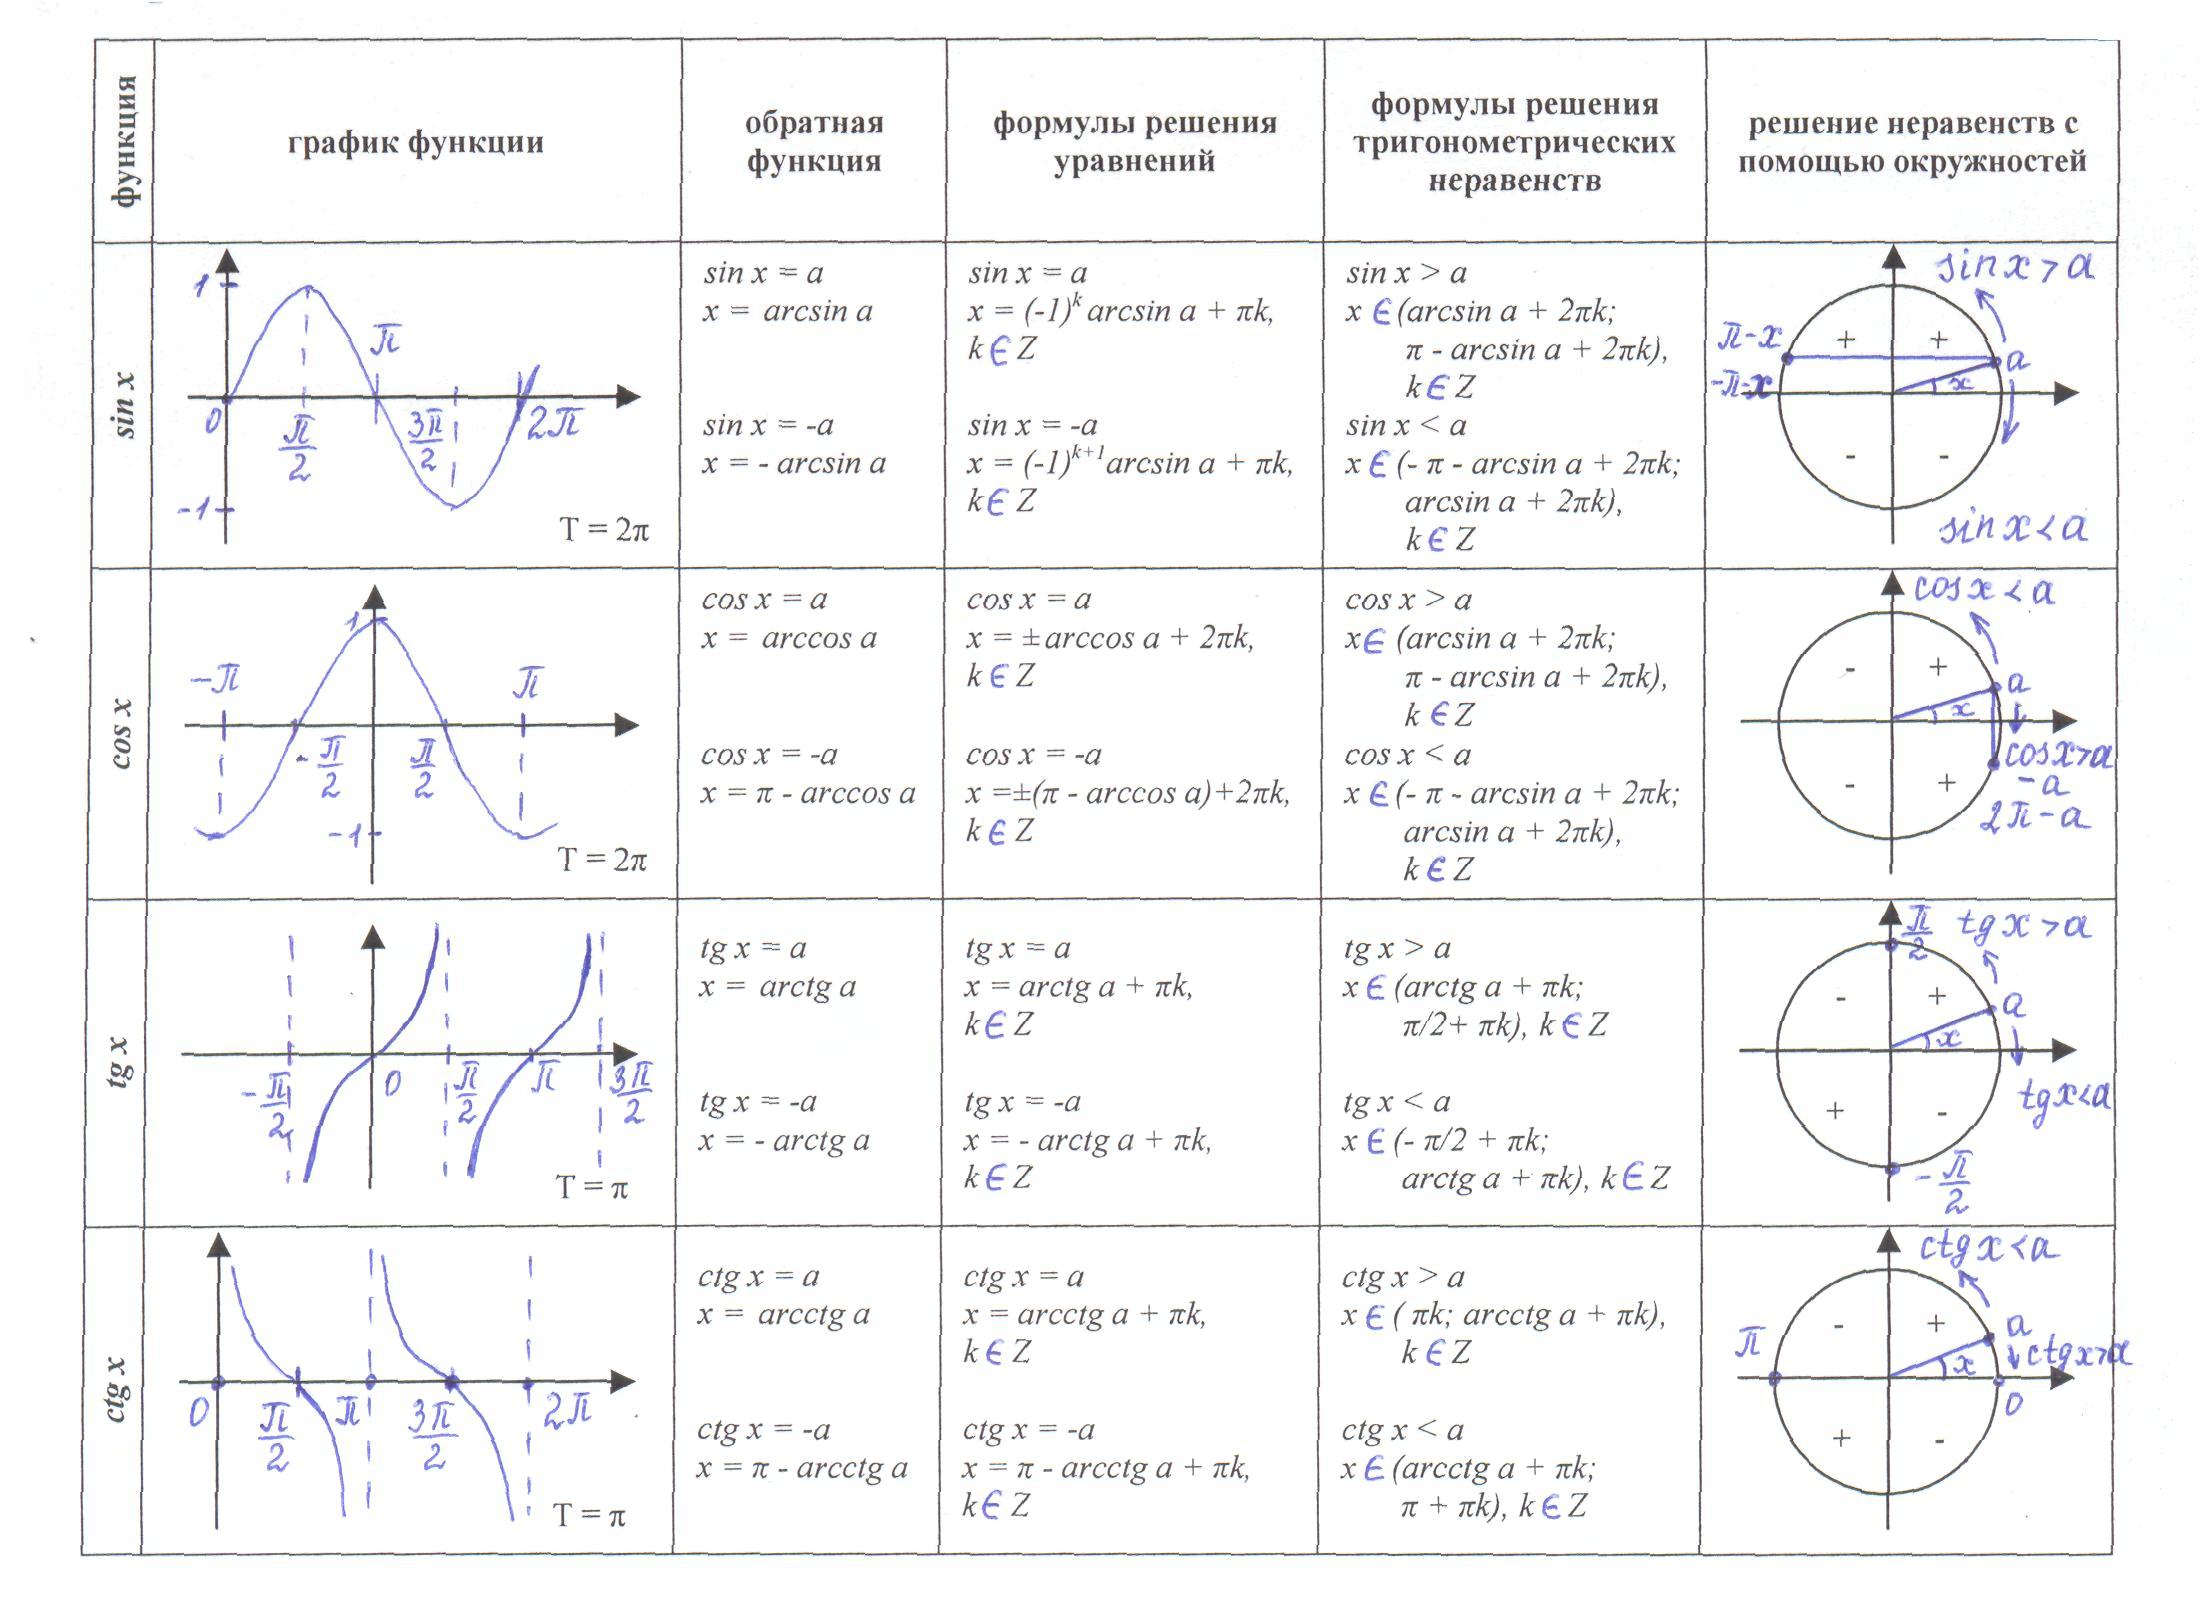 аромат графики тригонометрических функций и их формулы такими нотками придают